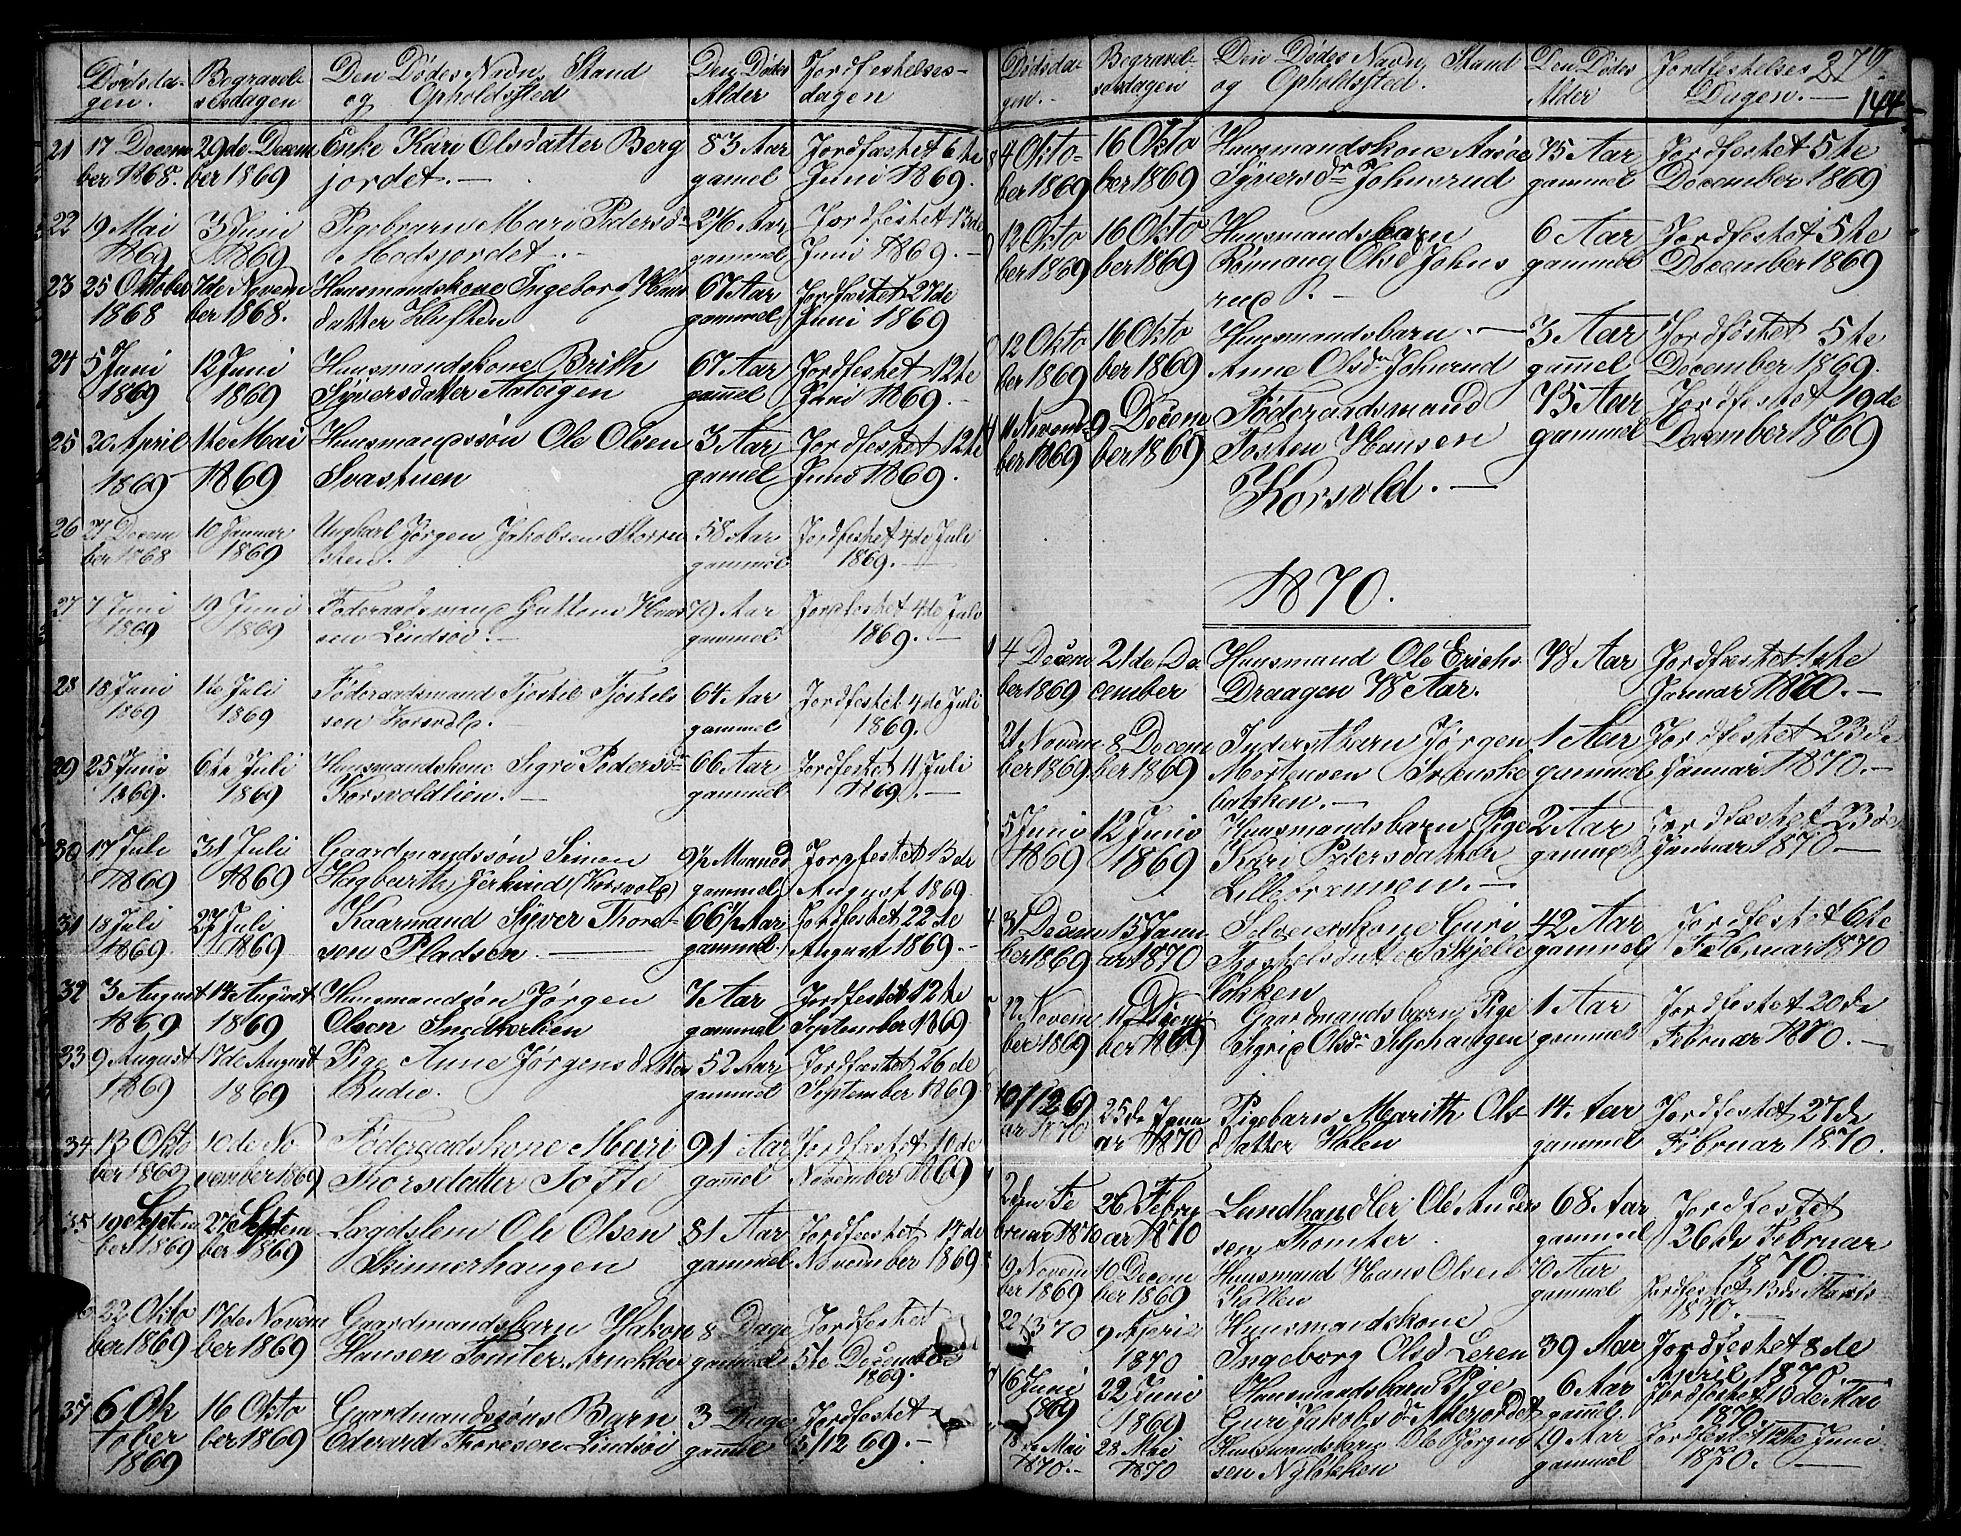 SAH, Dovre prestekontor, Klokkerbok nr. 1, 1862-1880, s. 279